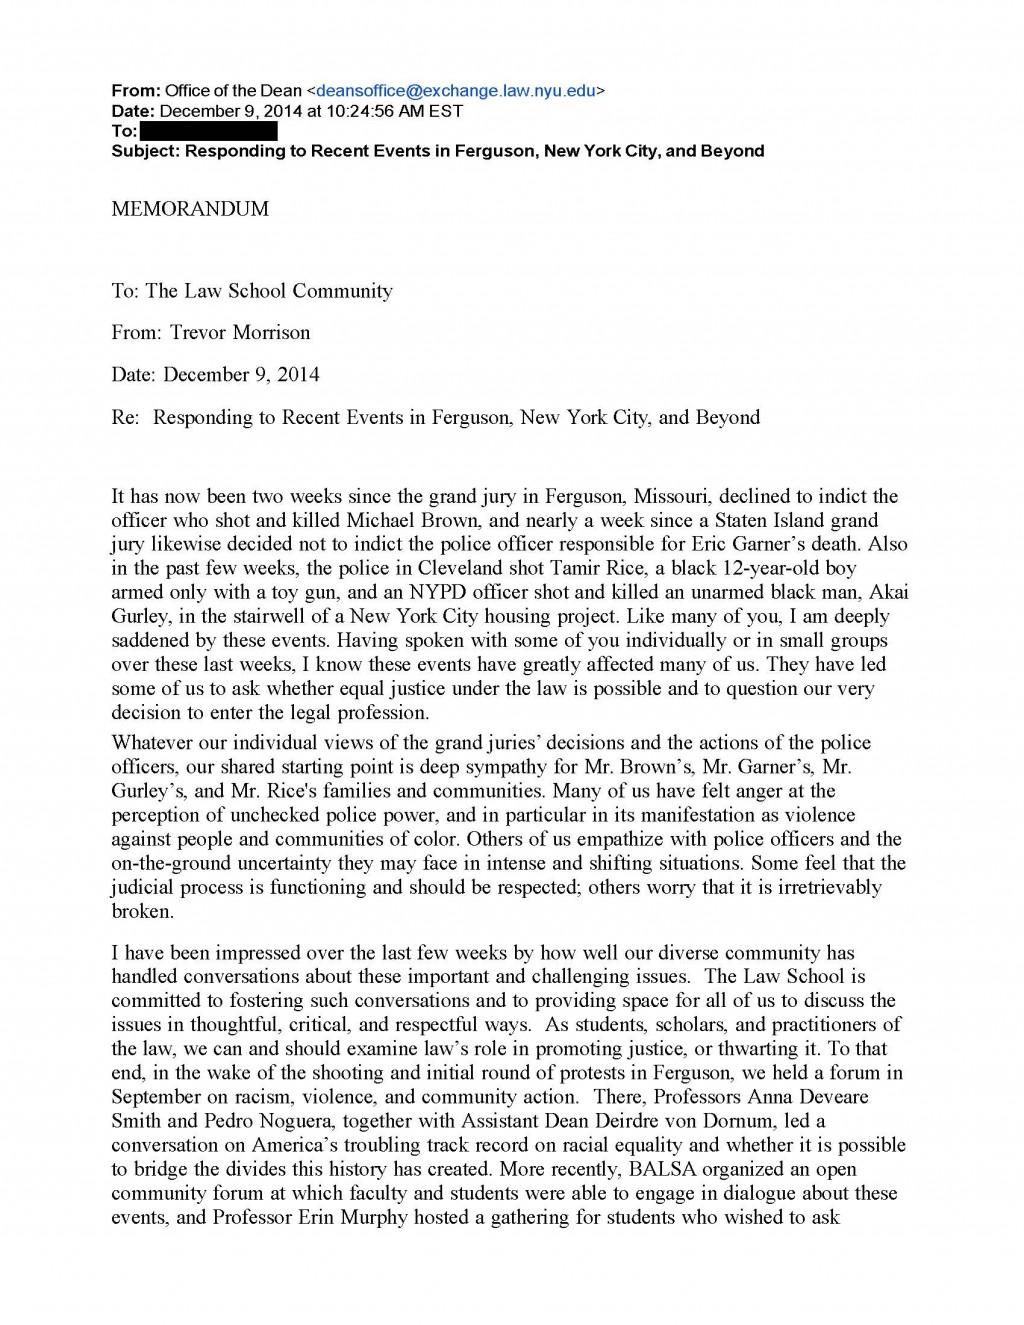 008 Nyu Response 14 Page 1 Essay Example Supplement Wondrous 2017 Large